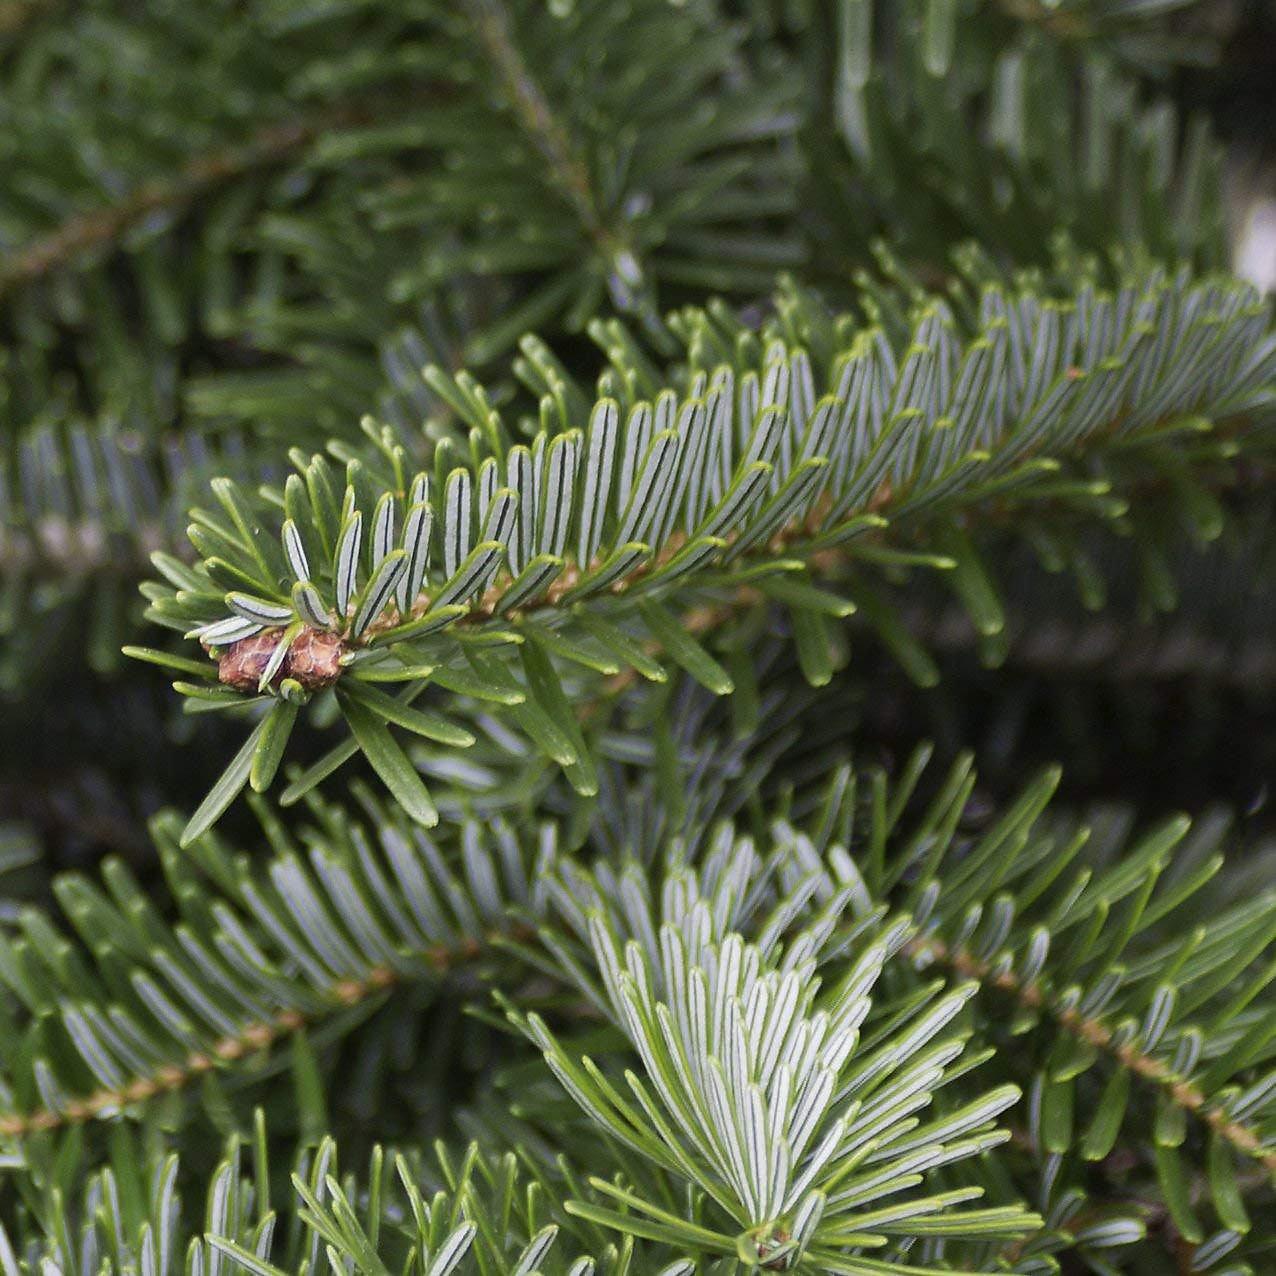 Künstlicher Tannenbaum Nordmanntanne.Echter Weihnachtsbaum Nordmanntanne Premium 175 200 Cm Geschlagen